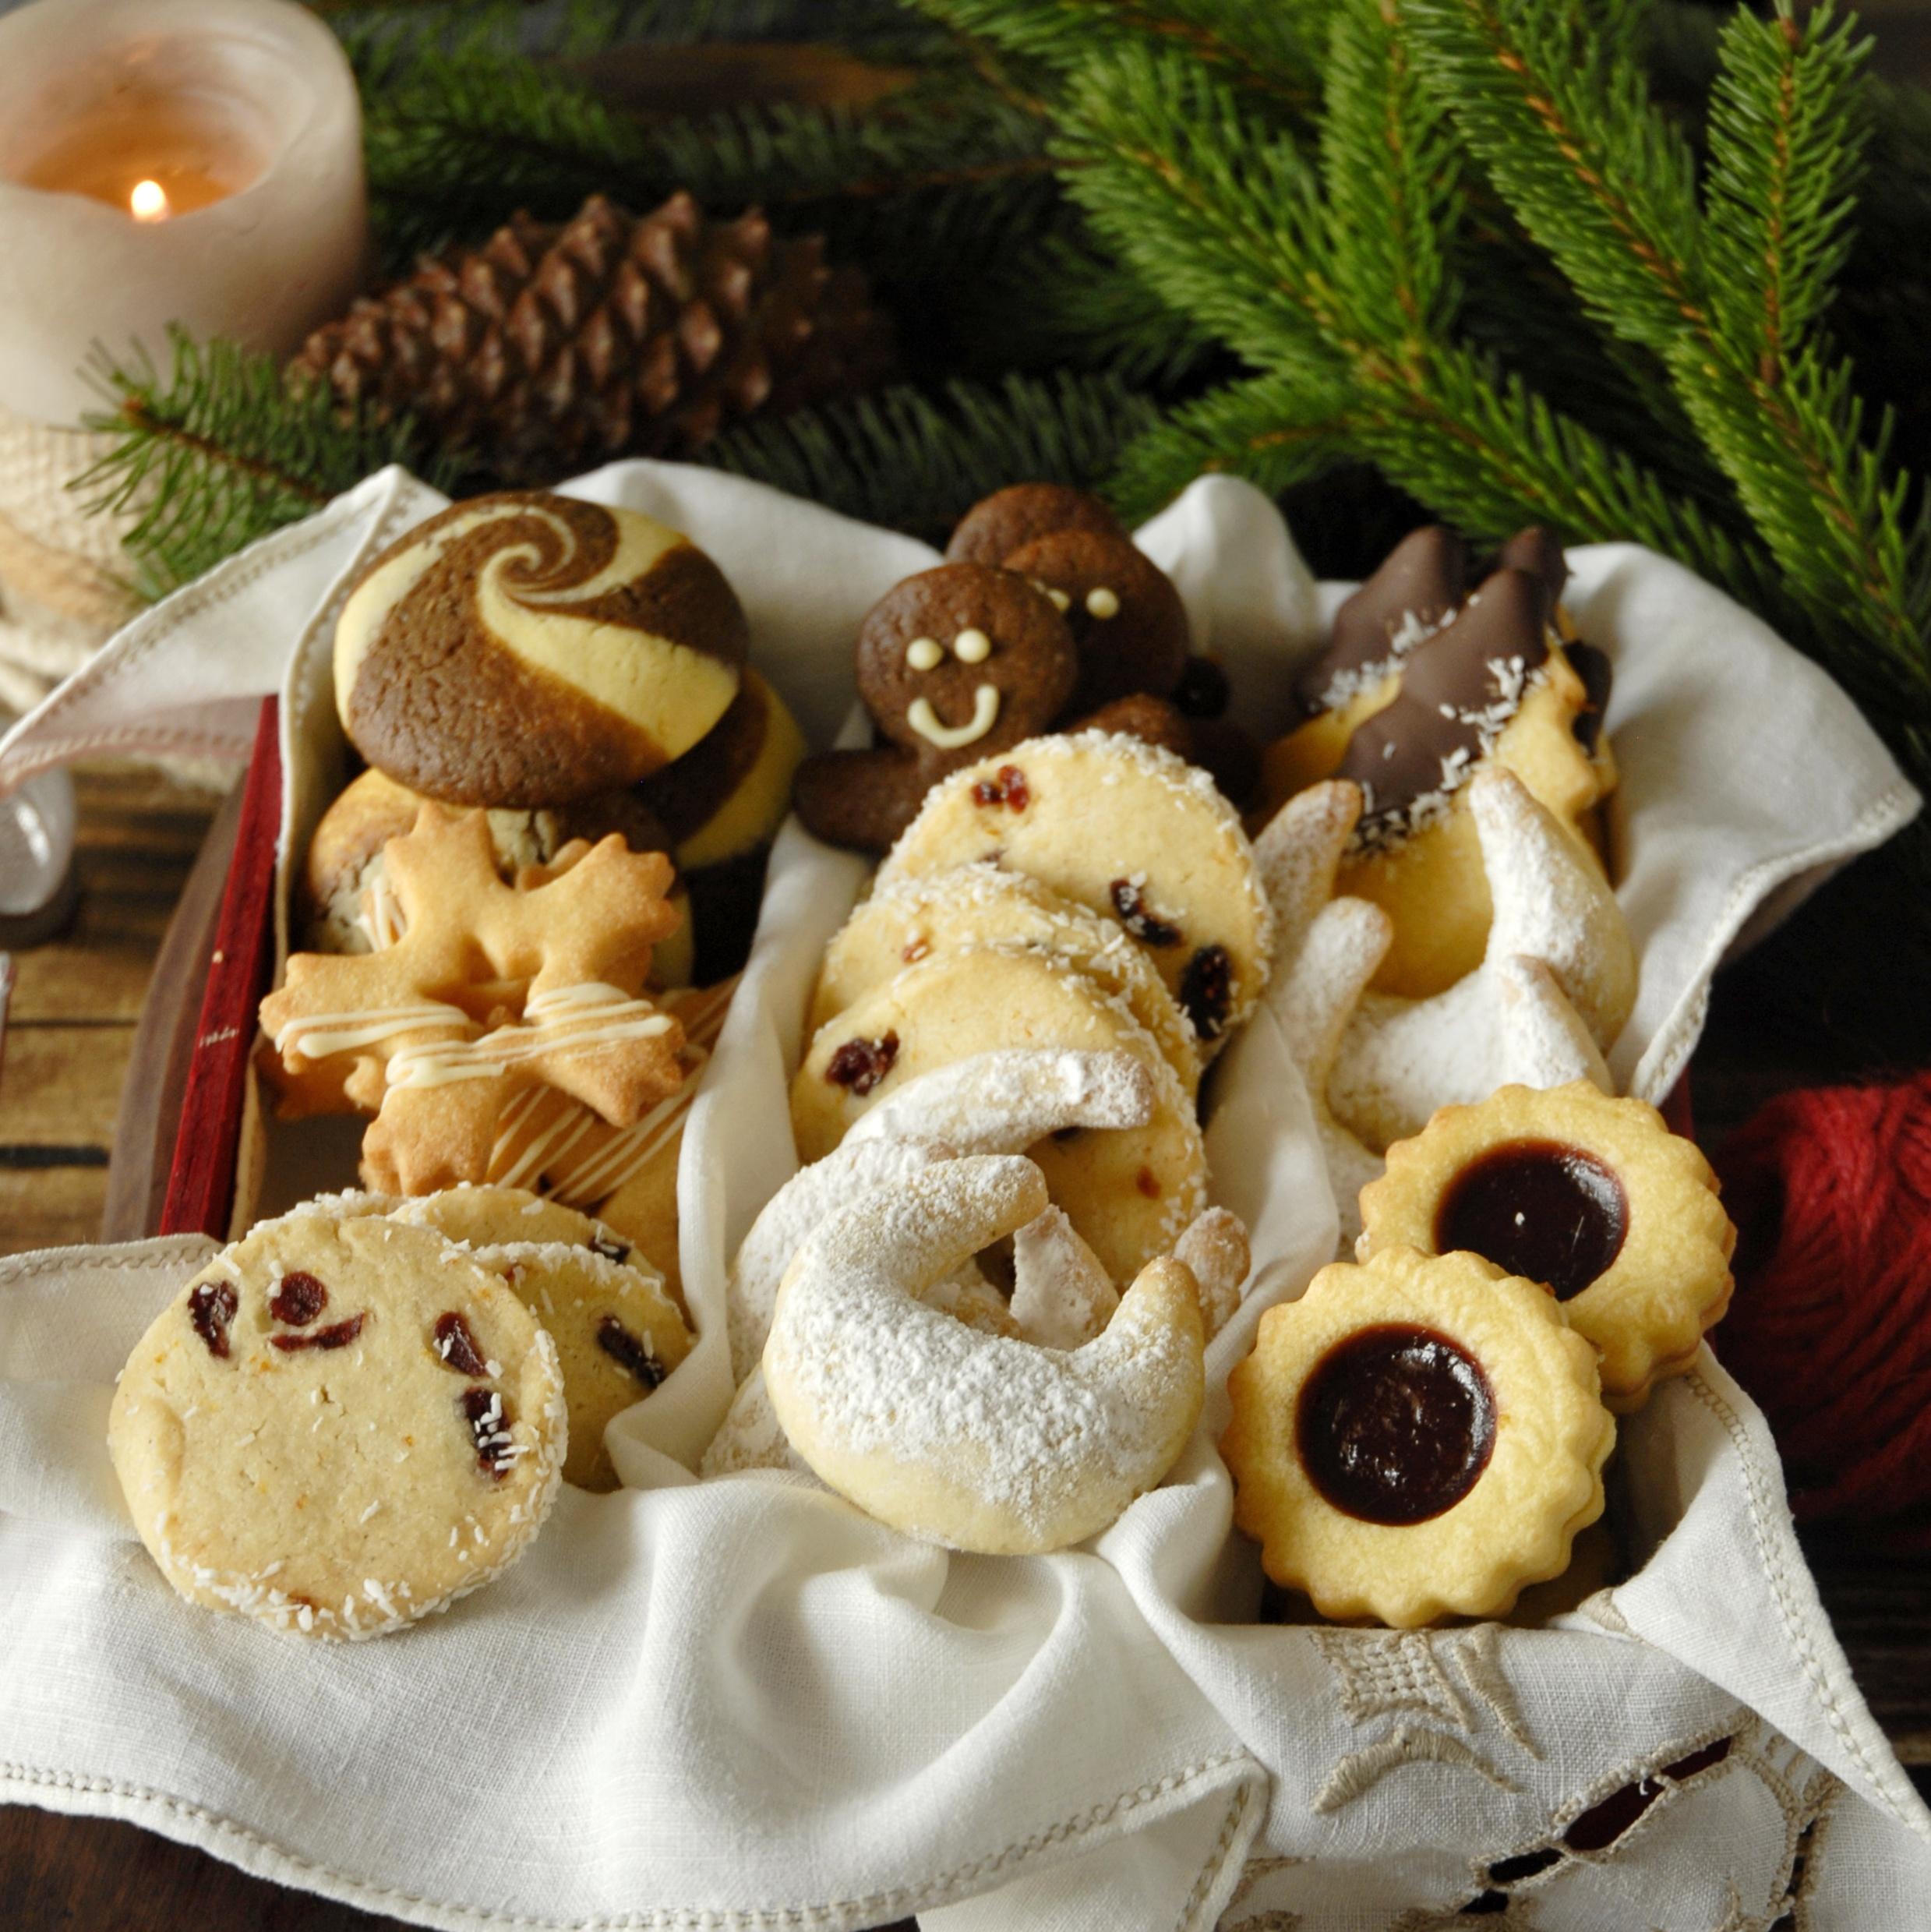 La mia scatola di biscotti di Natale